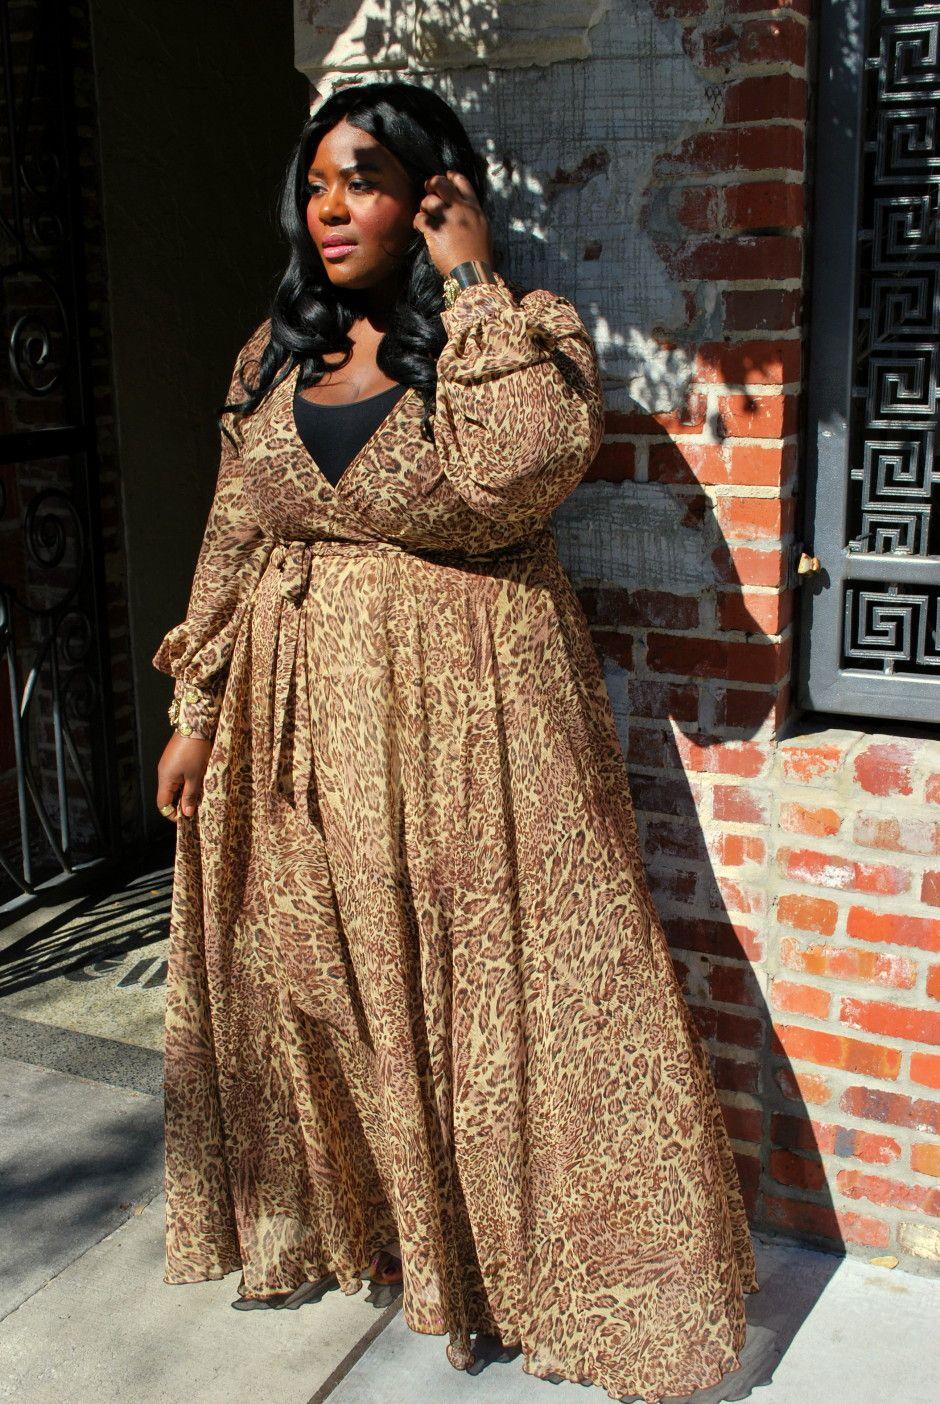 musings of a curvy lady, plus size fashion, unique vintage